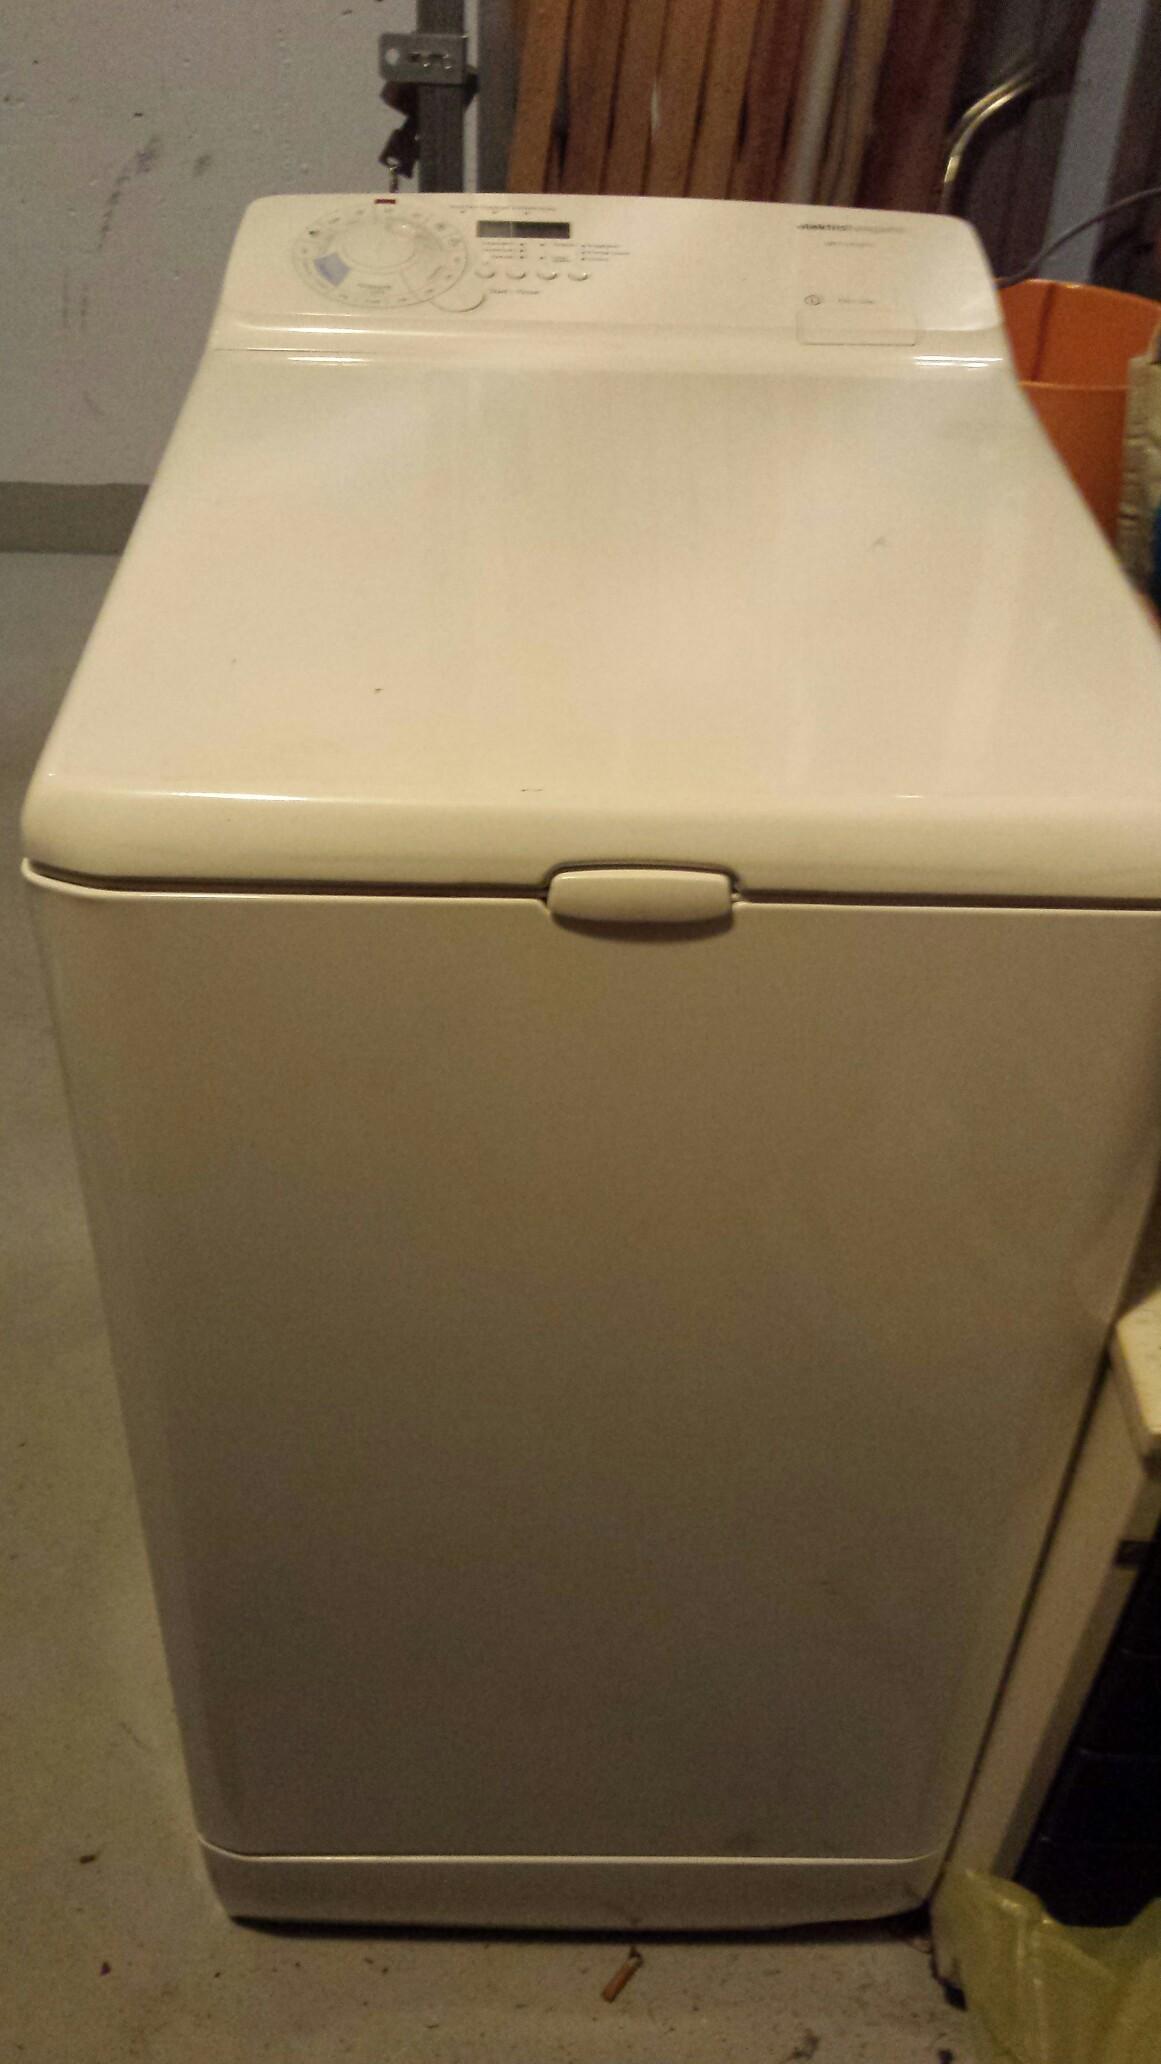 Gebraucht elektra bregenz waschtrockner in hallein um